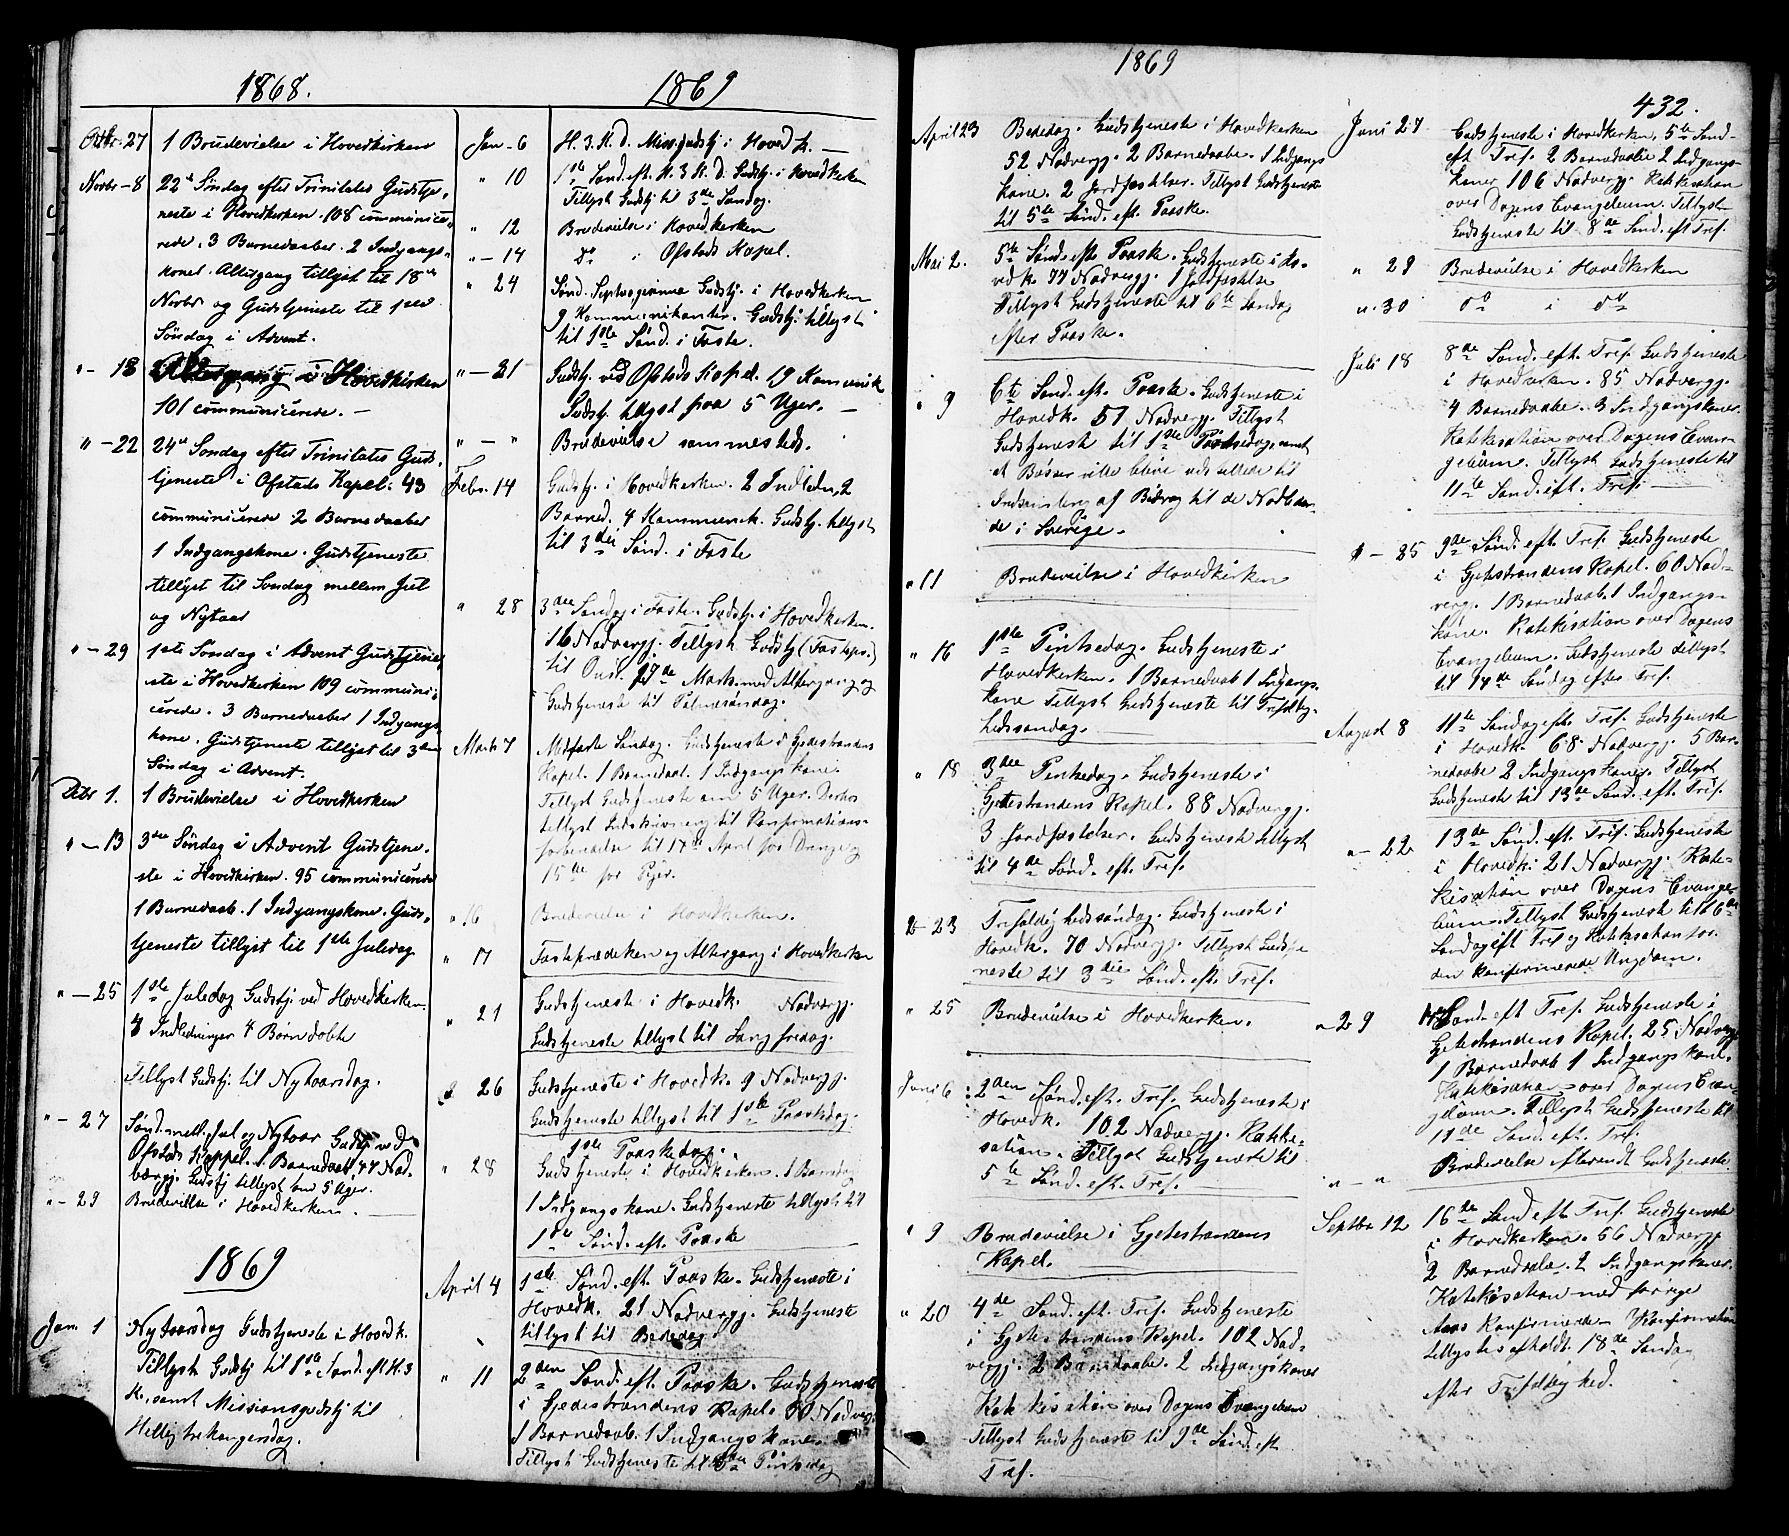 SAT, Ministerialprotokoller, klokkerbøker og fødselsregistre - Sør-Trøndelag, 665/L0777: Klokkerbok nr. 665C02, 1867-1915, s. 432